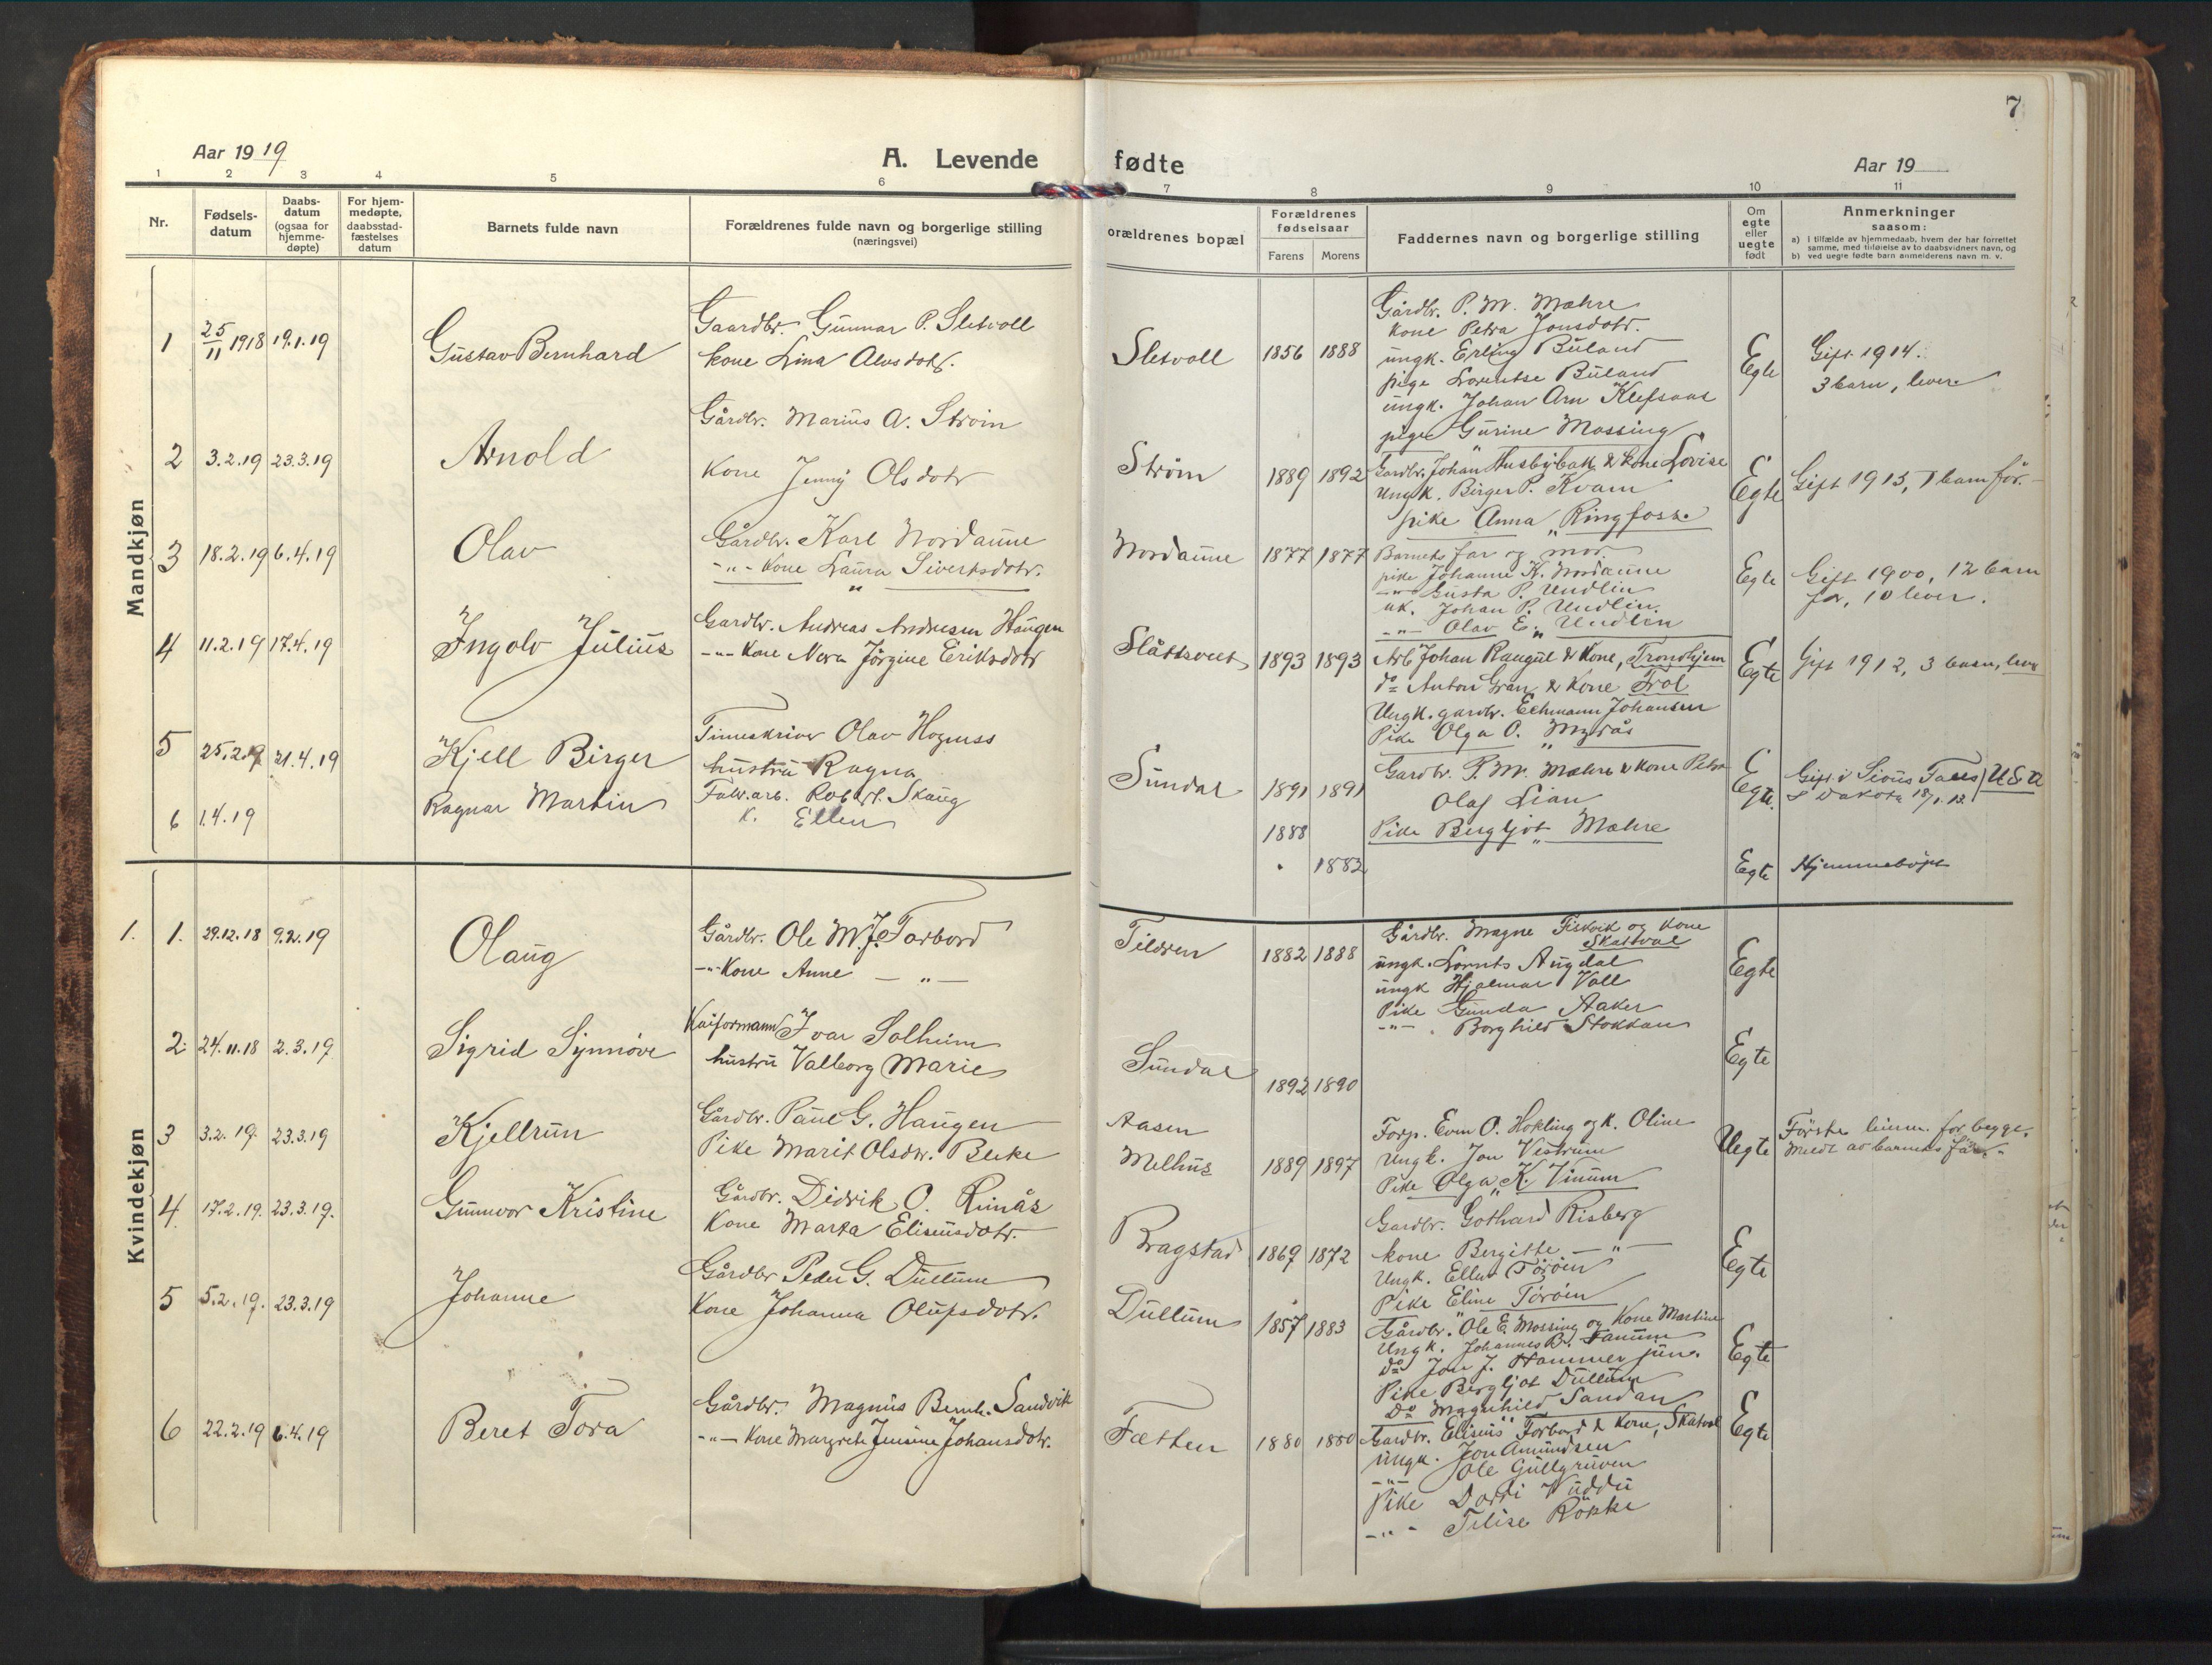 SAT, Ministerialprotokoller, klokkerbøker og fødselsregistre - Nord-Trøndelag, 714/L0136: Klokkerbok nr. 714C05, 1918-1957, s. 7